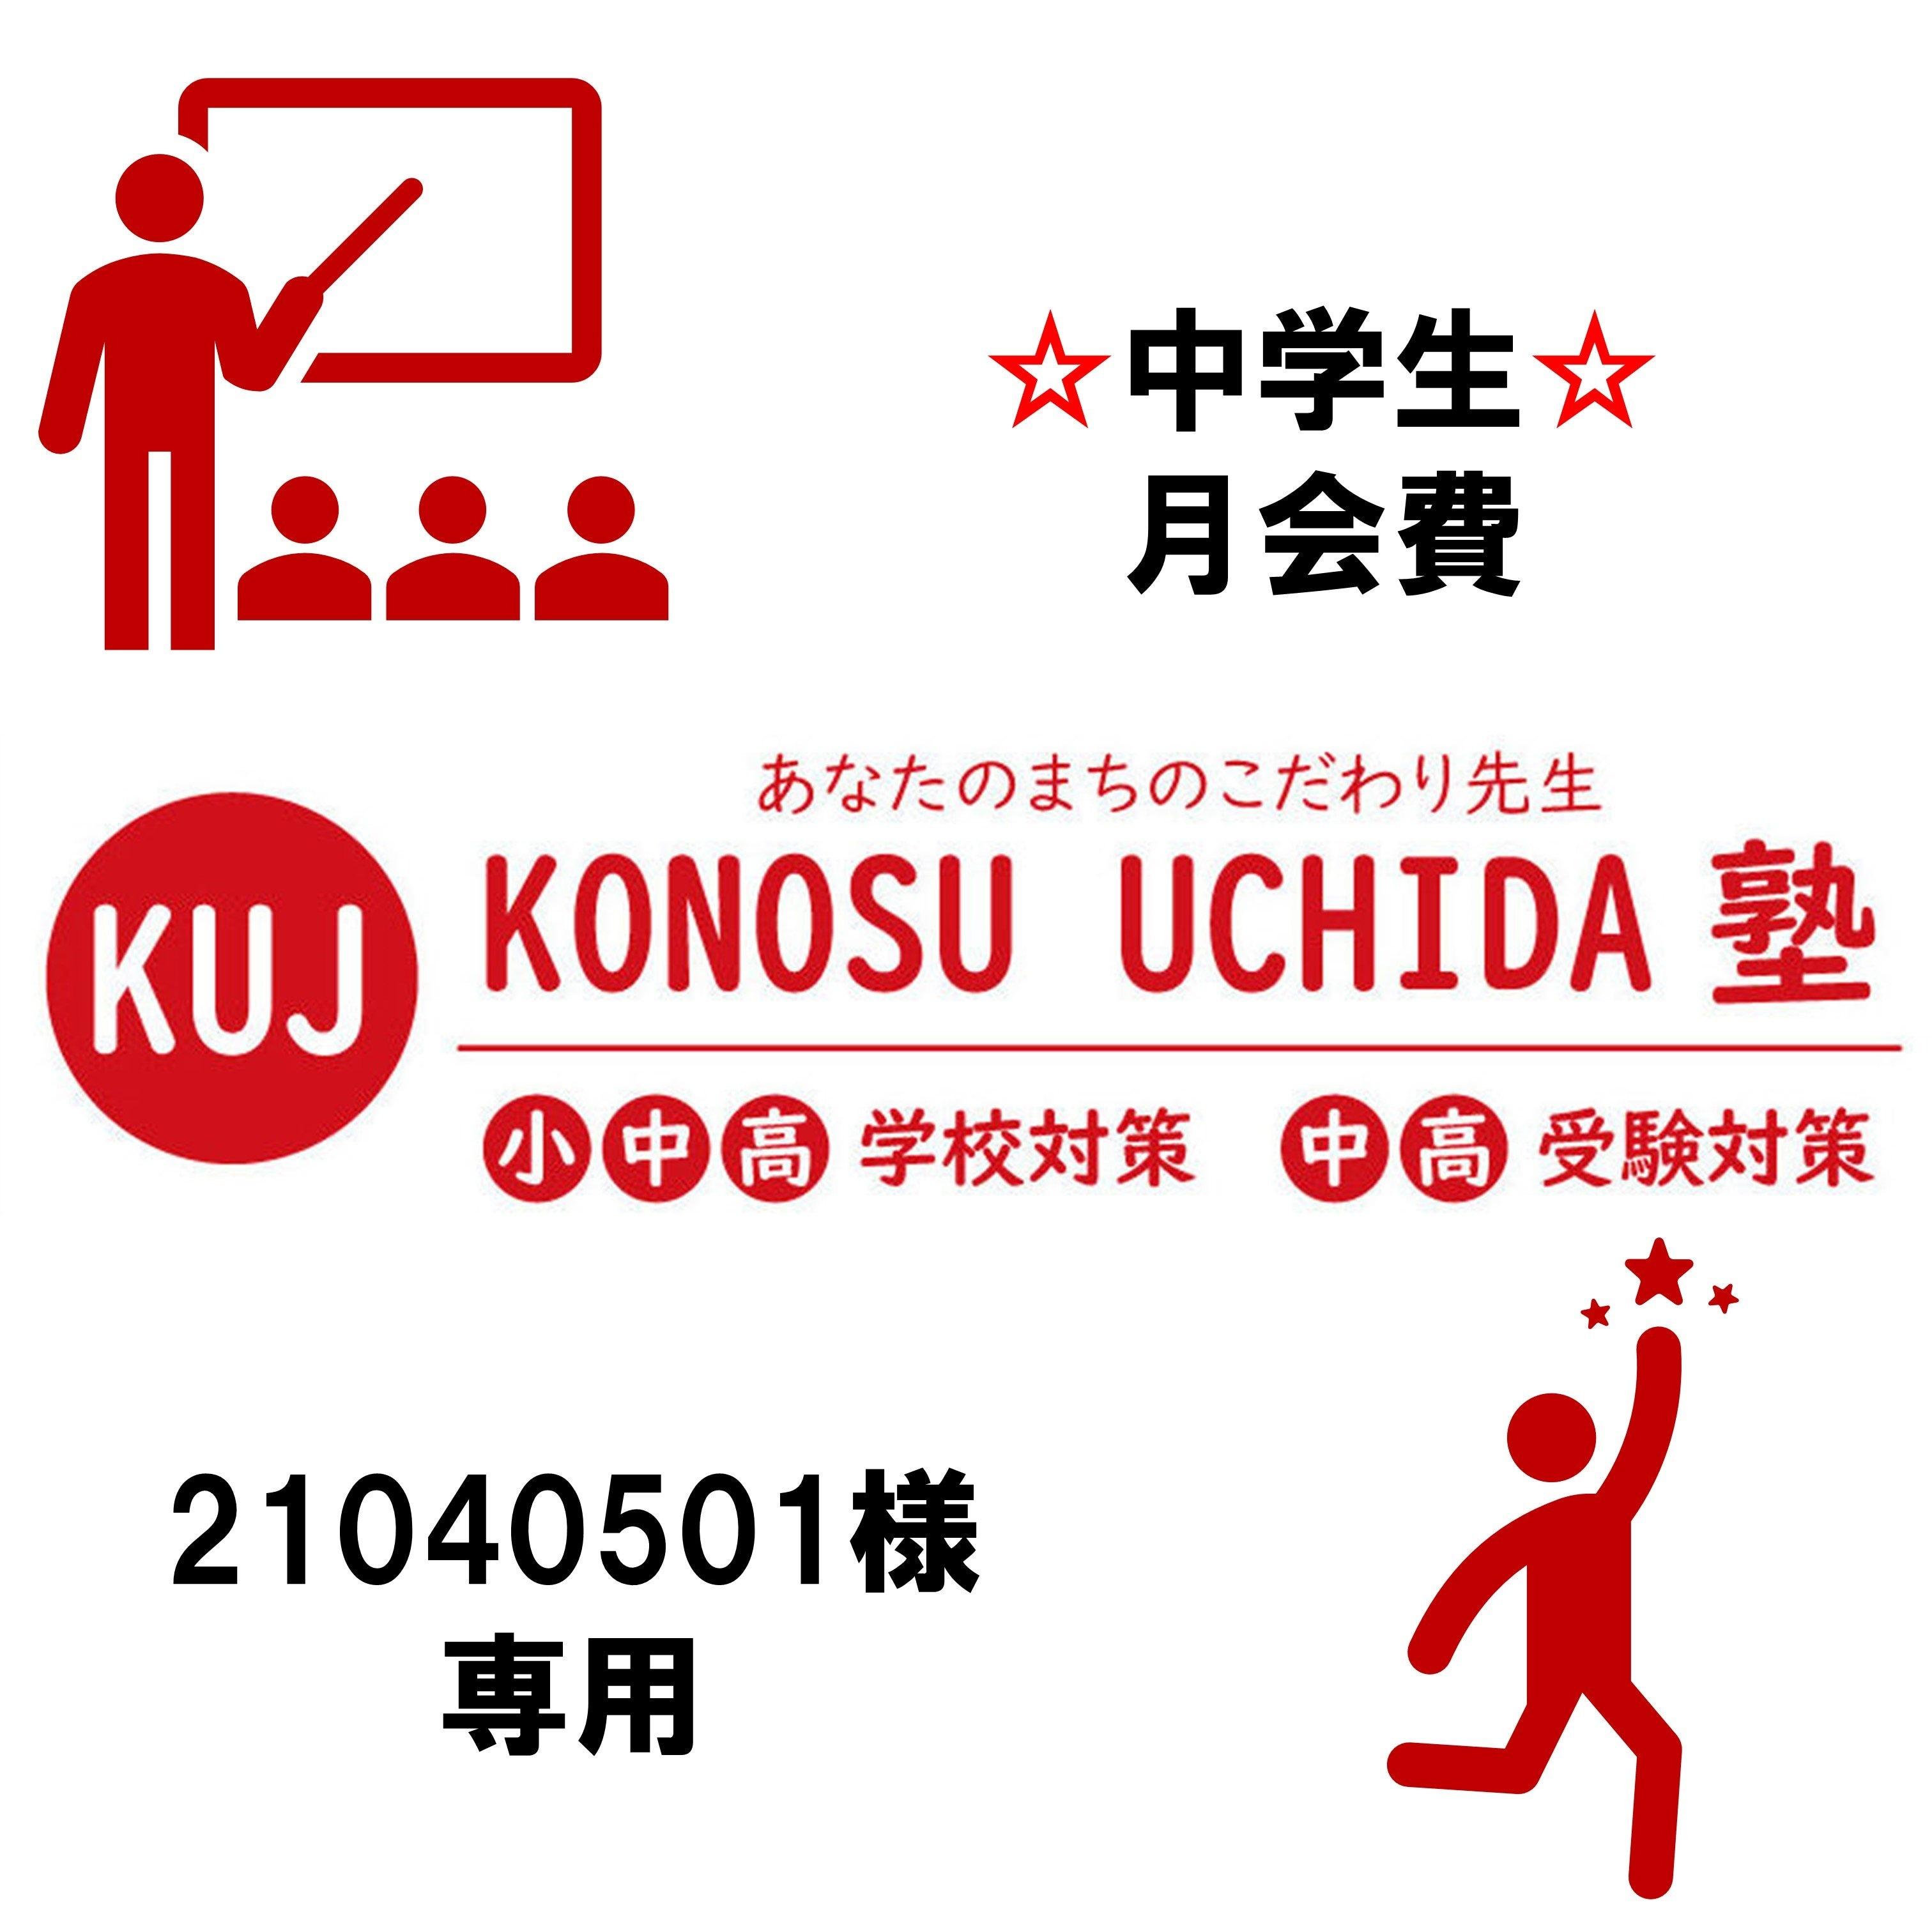 【中学生 正会員21040501様専用】月会費ウェブチケットのイメージその1